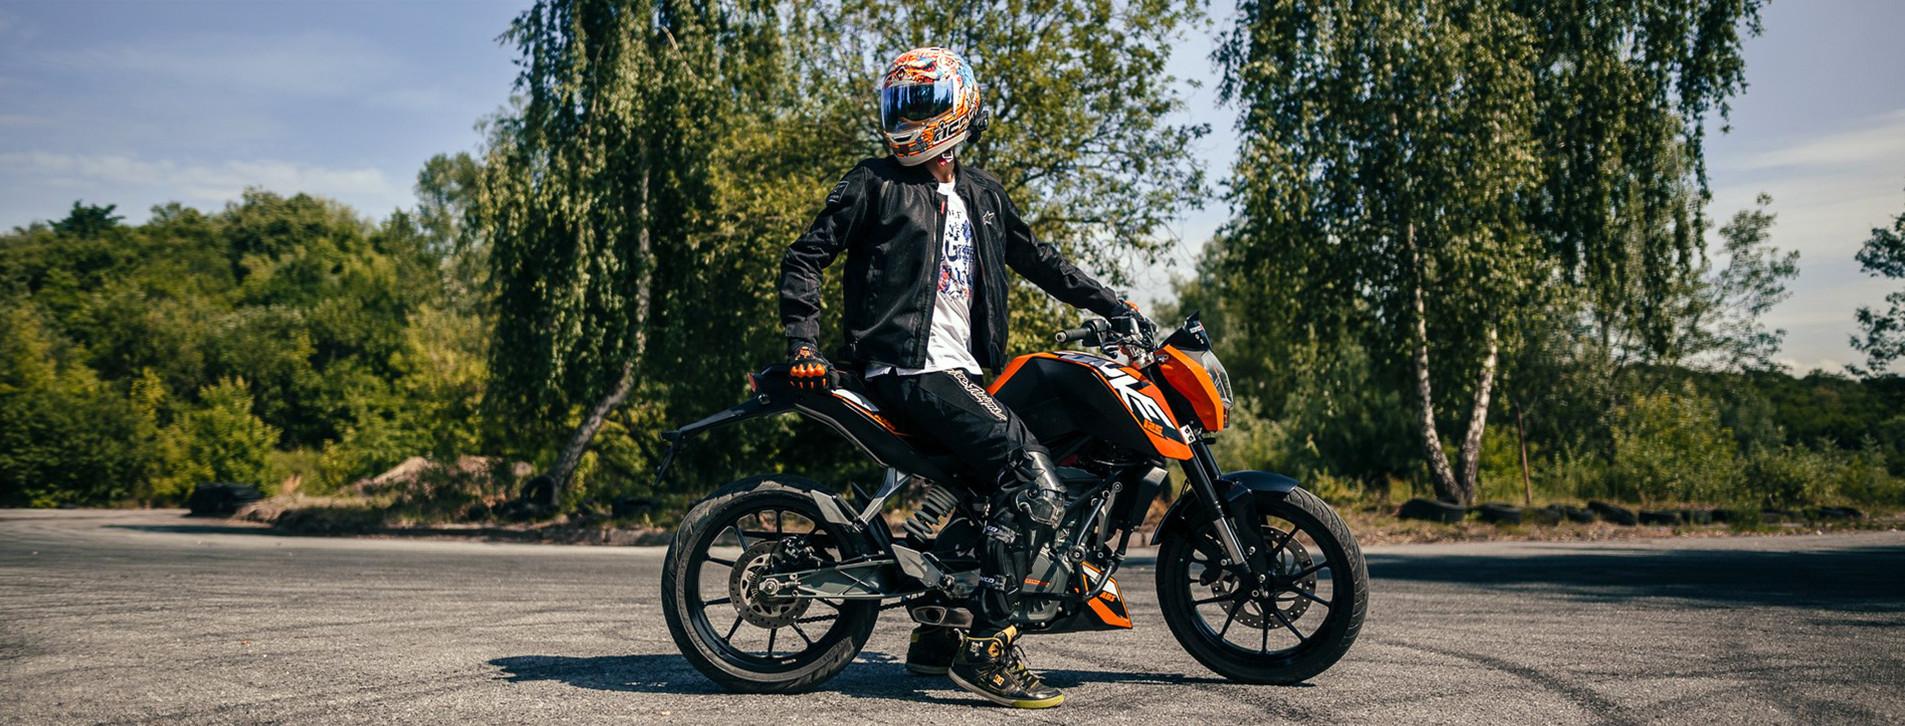 Фото 1 - Мастер-класс езды на мотоцикле